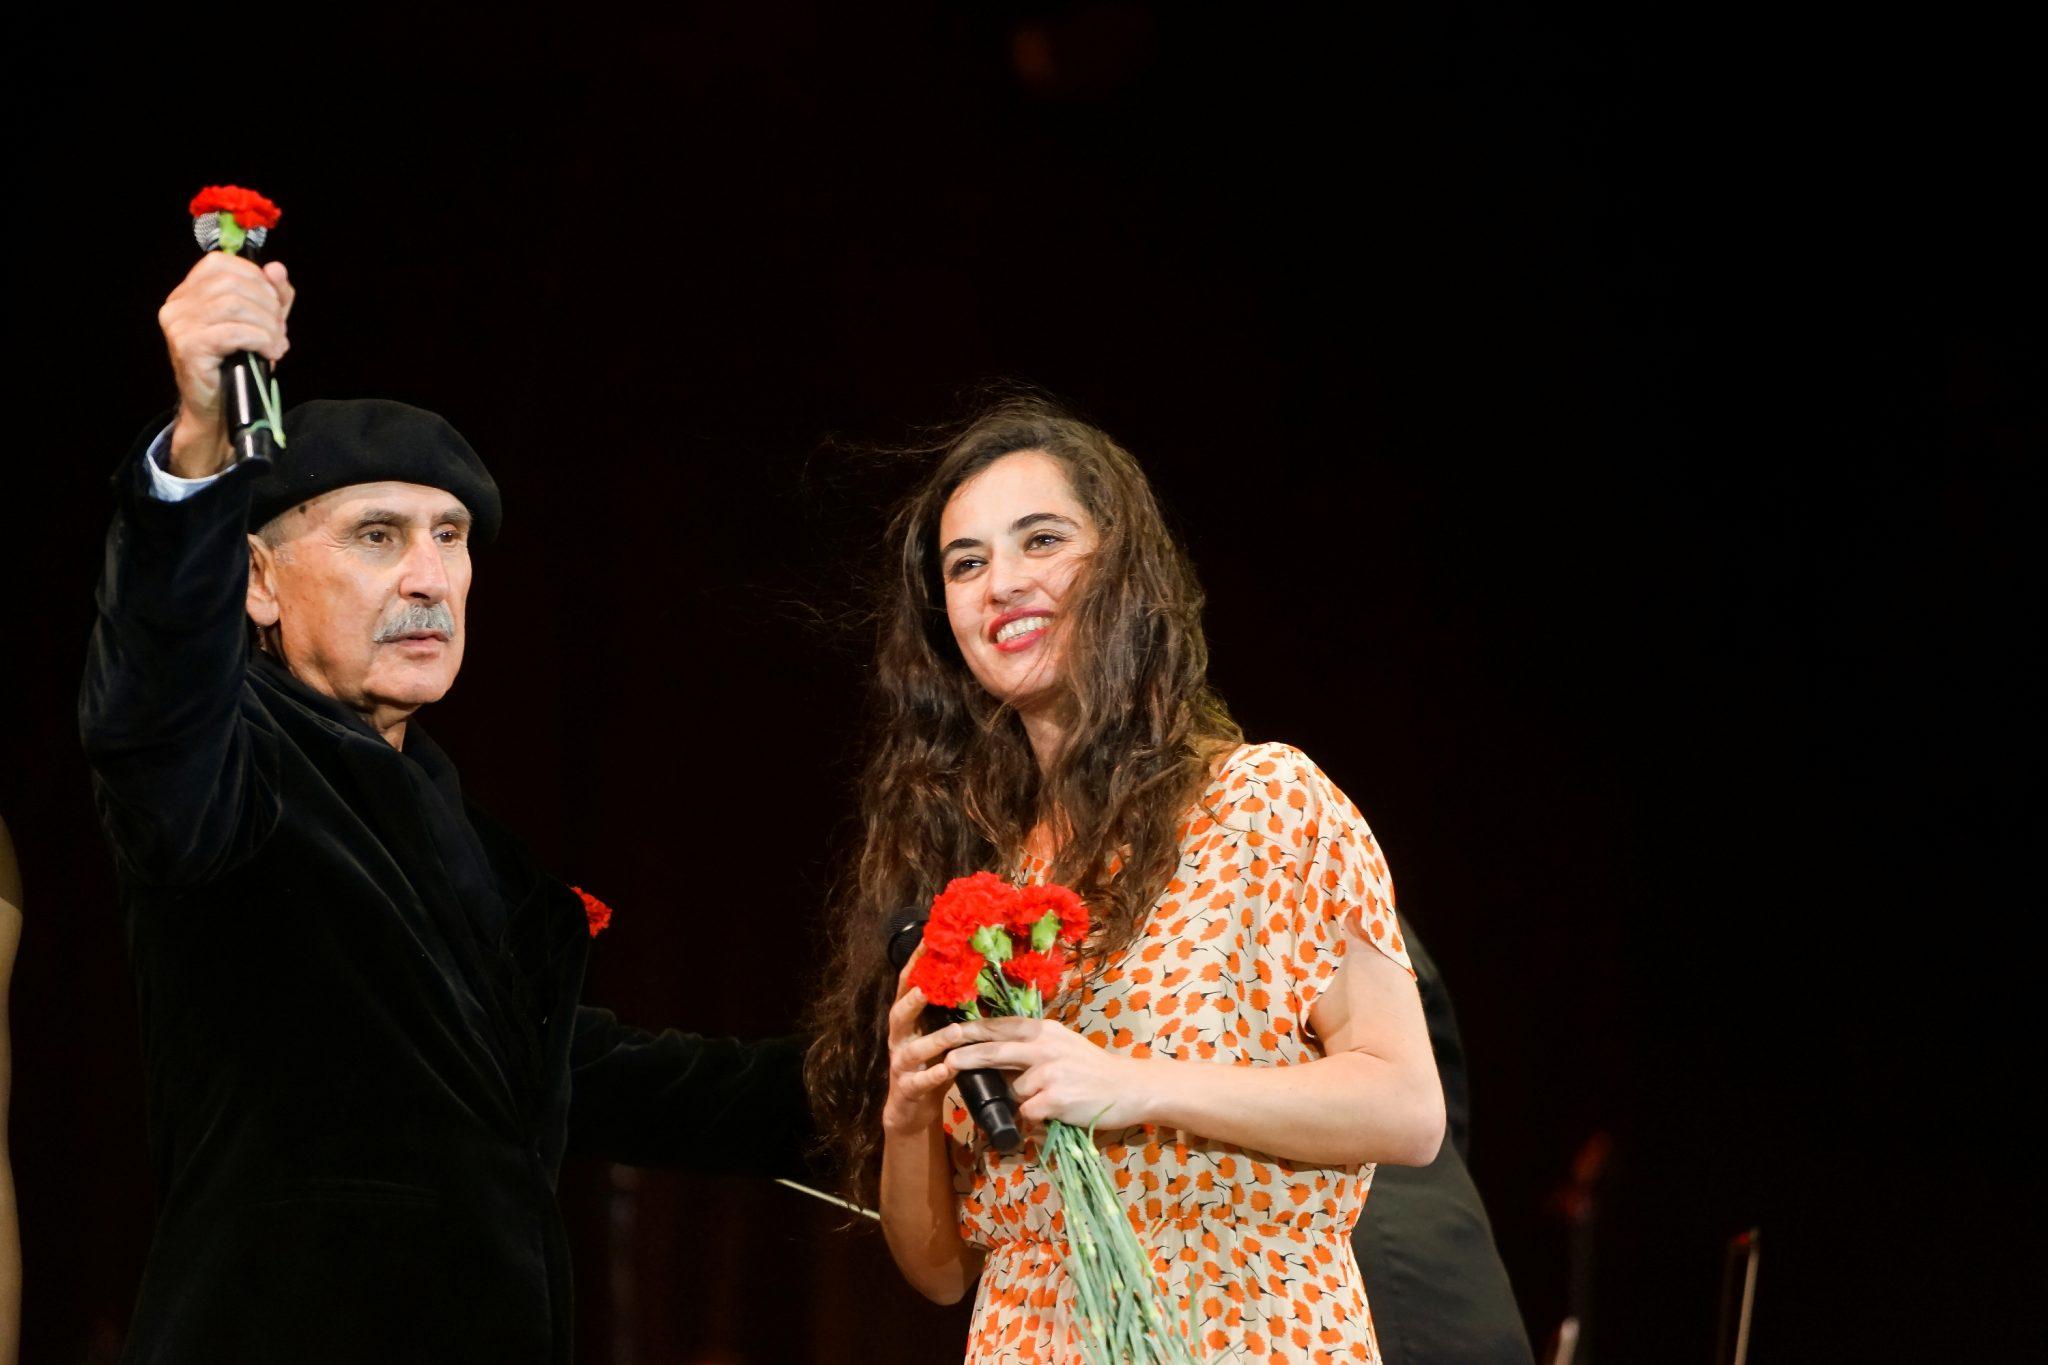 Plano médio de dois artistas, os cantores António Vitorino e Sílvia Perez Cruz, sob um fundo preto, empunhando cravos vermelhos.